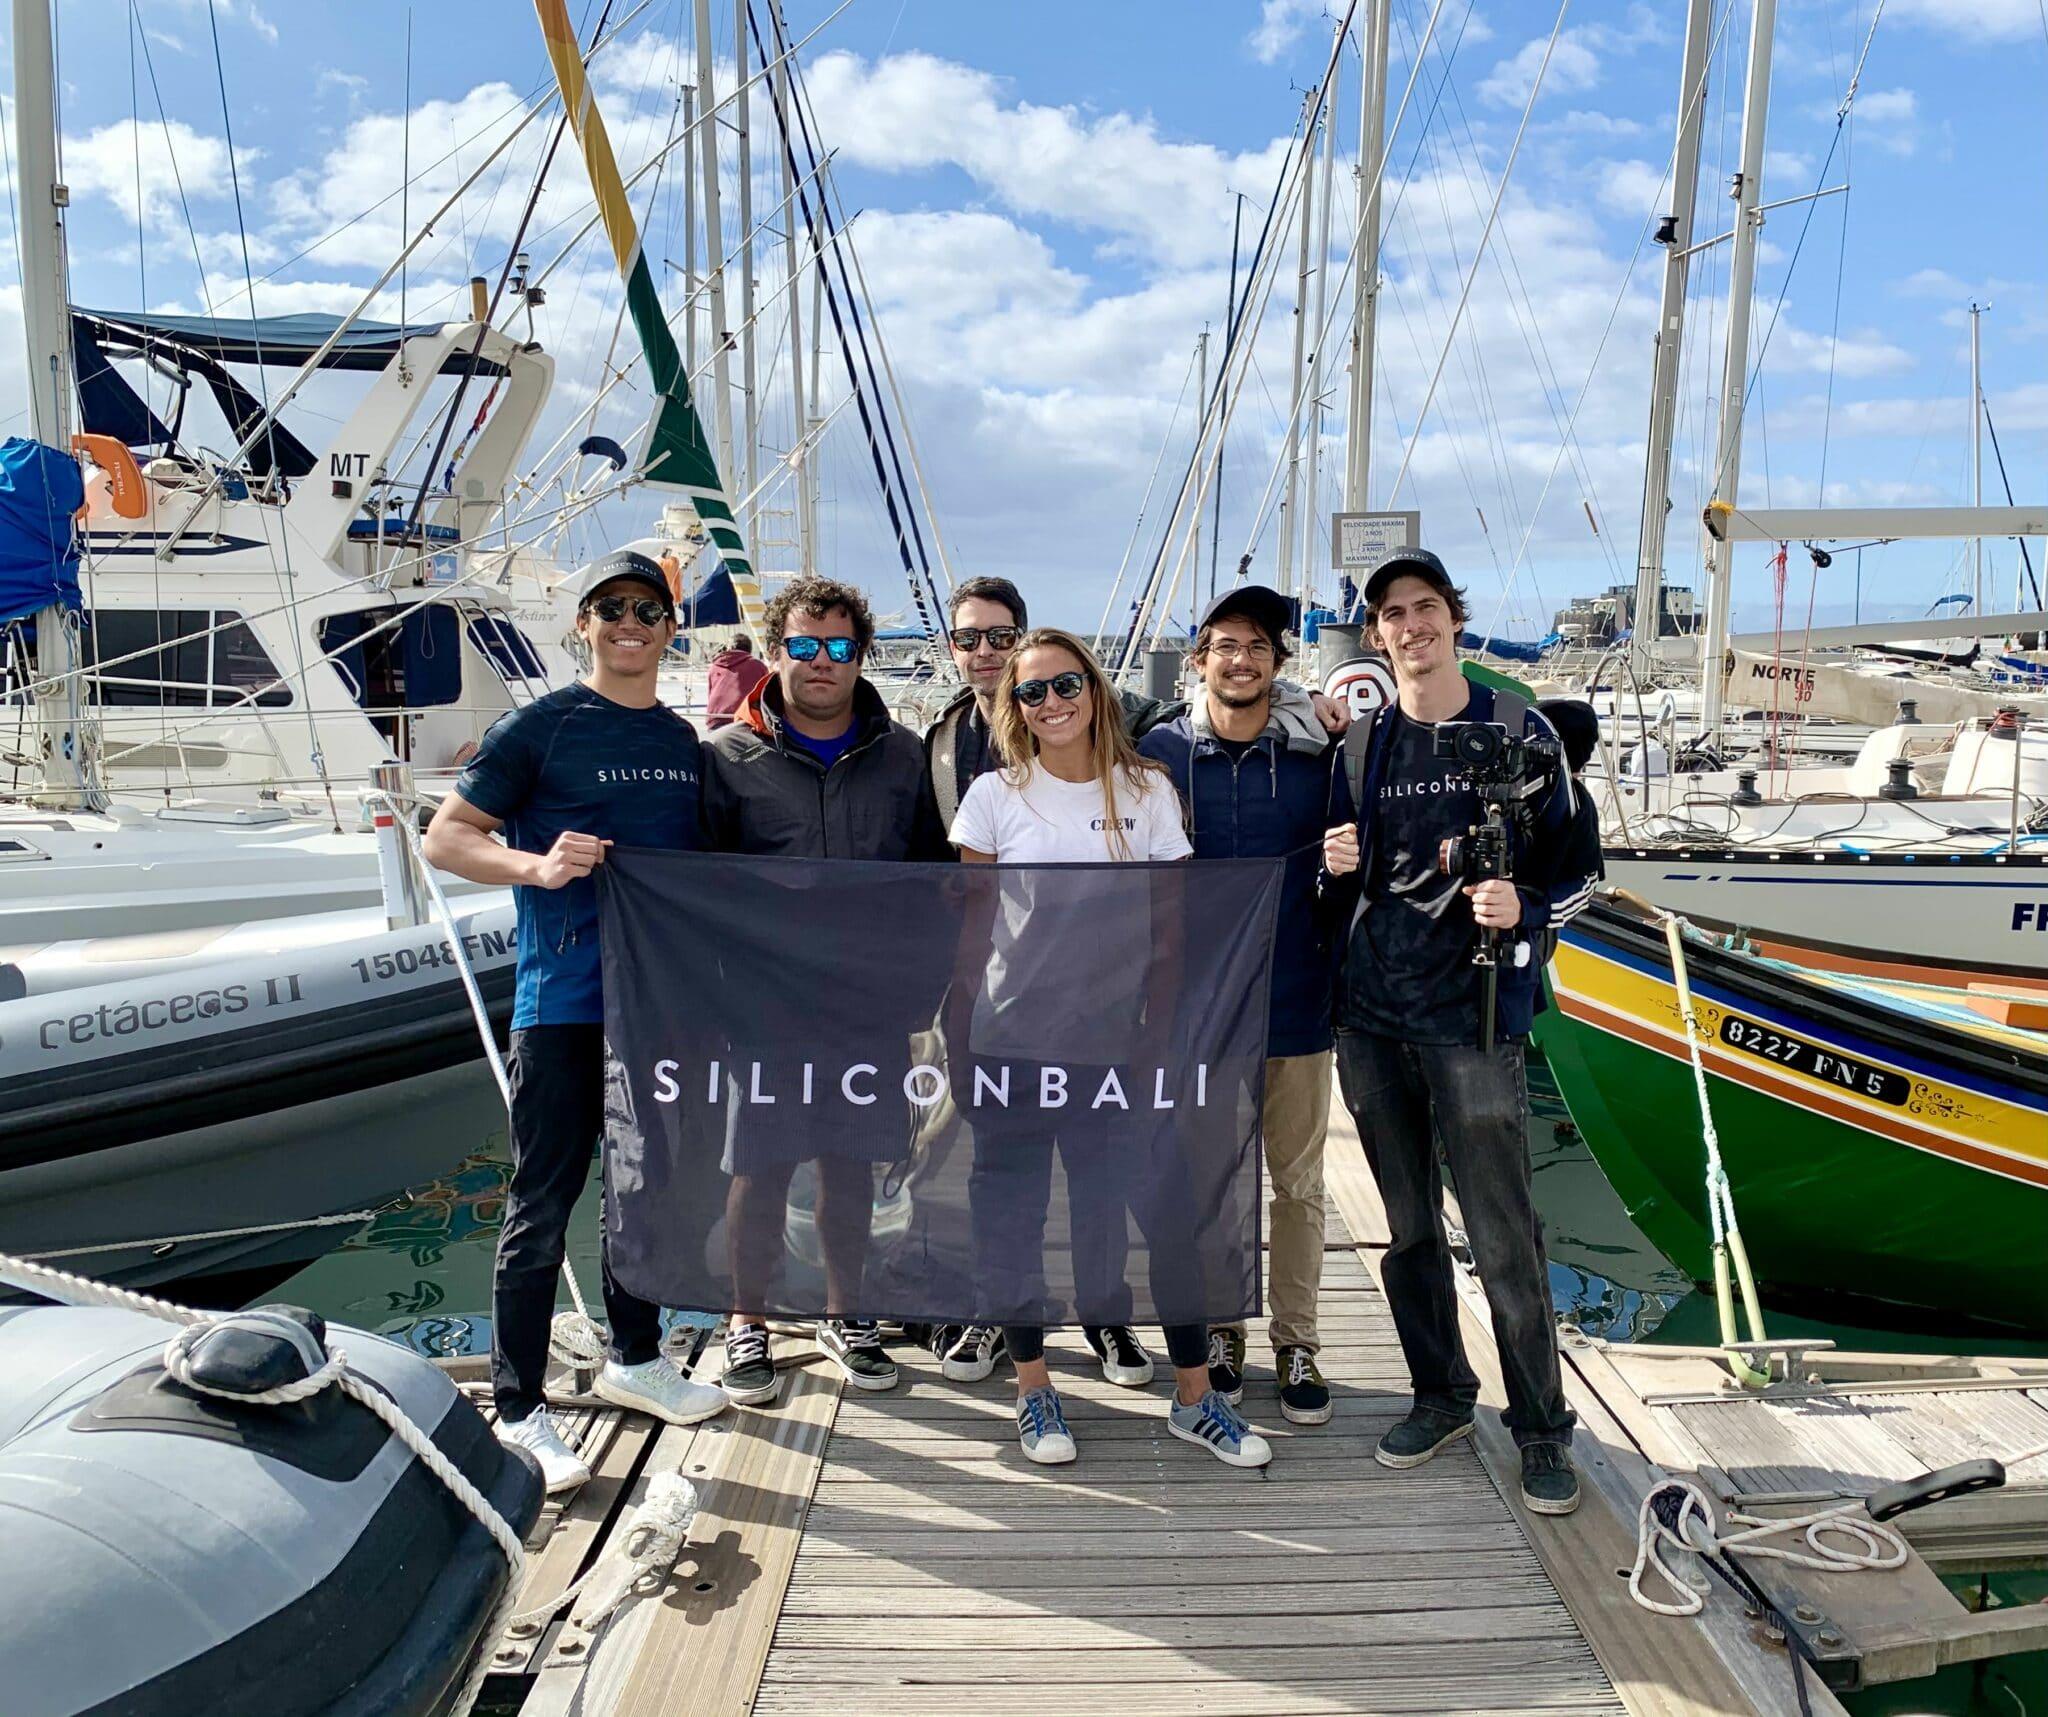 Siliconbali team